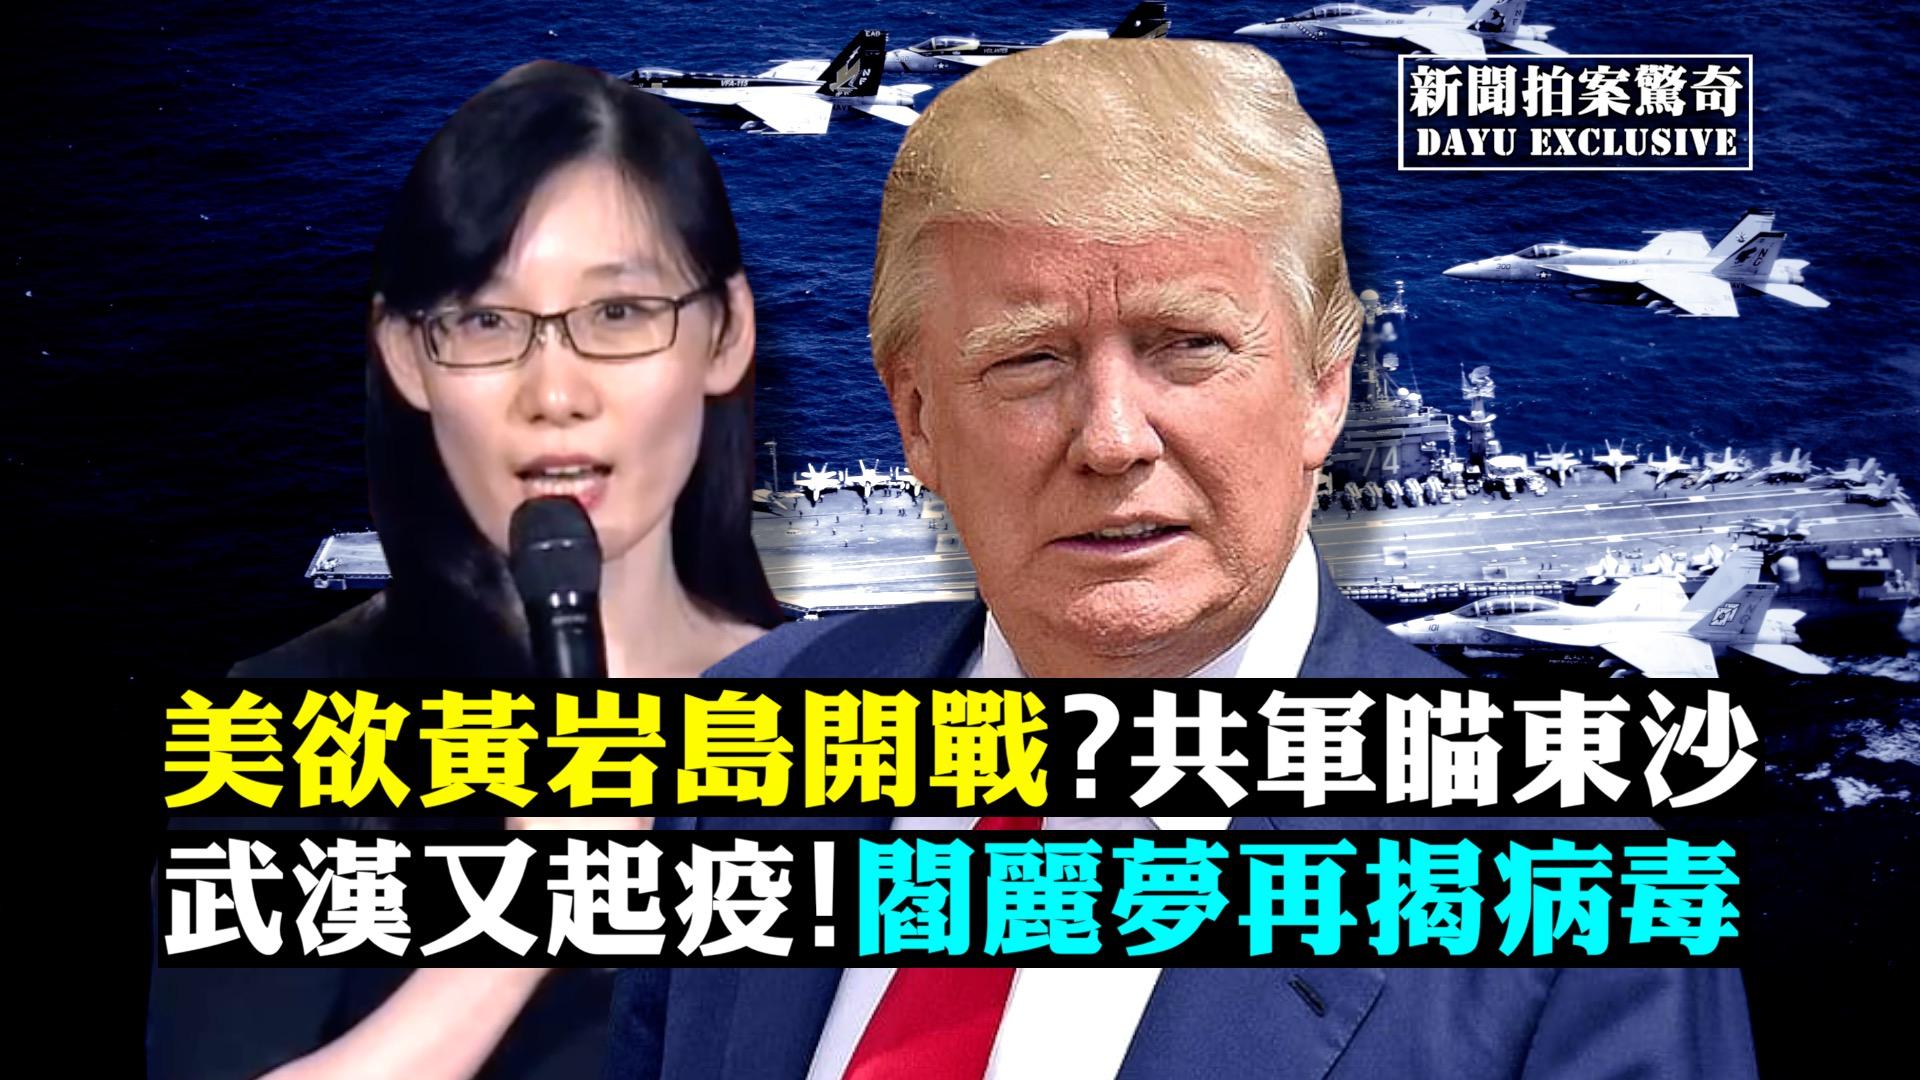 美國想在黃巖島開戰?閻麗夢再揭中共內幕。(大紀元合成圖)